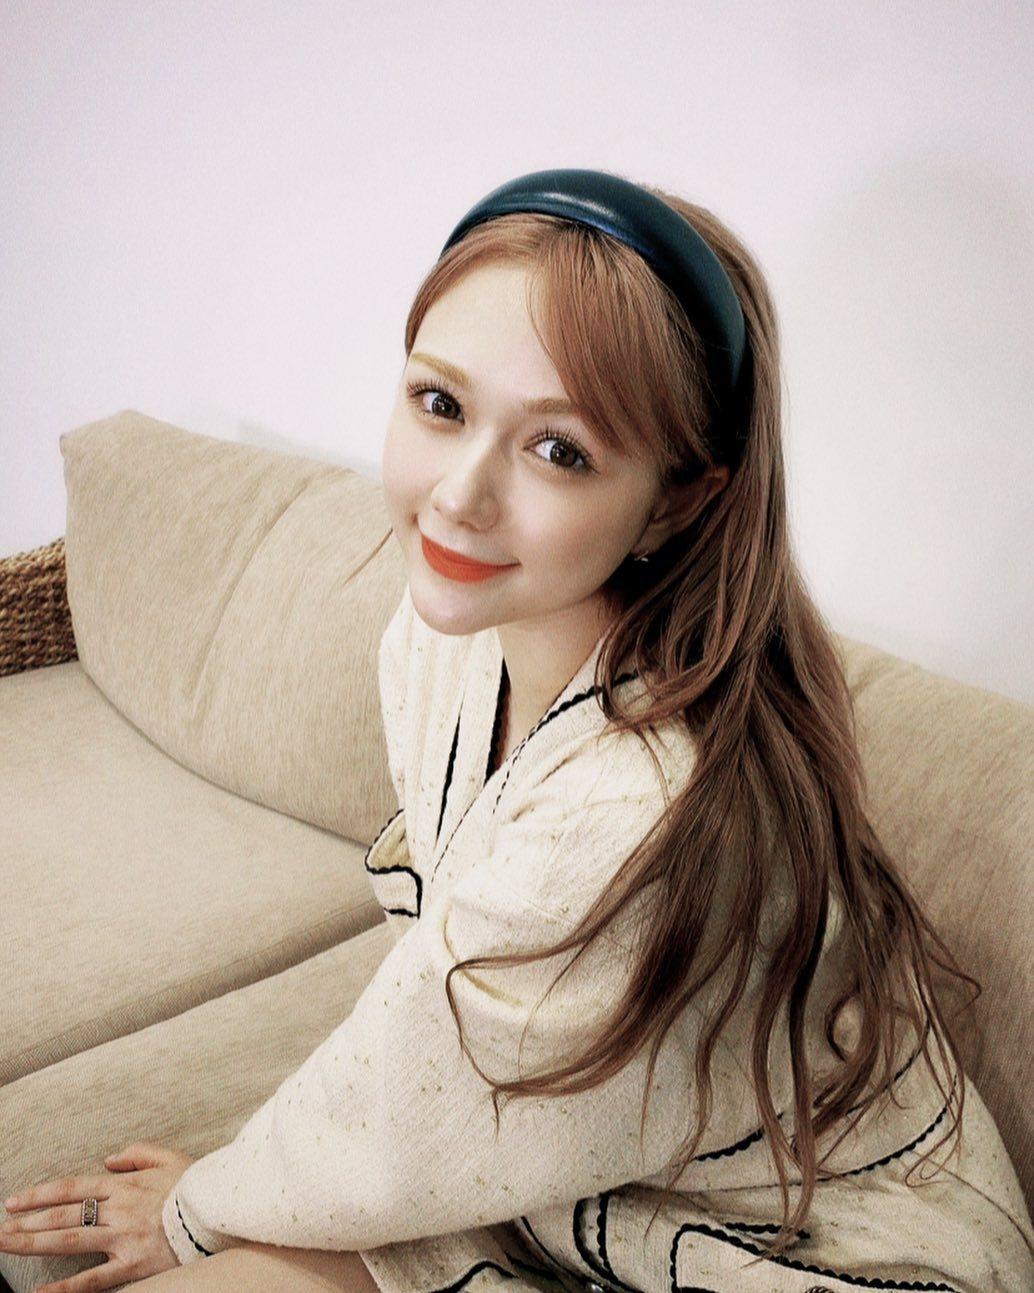 HKT48村重杏奈宣布毕业预计2021年底结束在籍活动-喵喵女